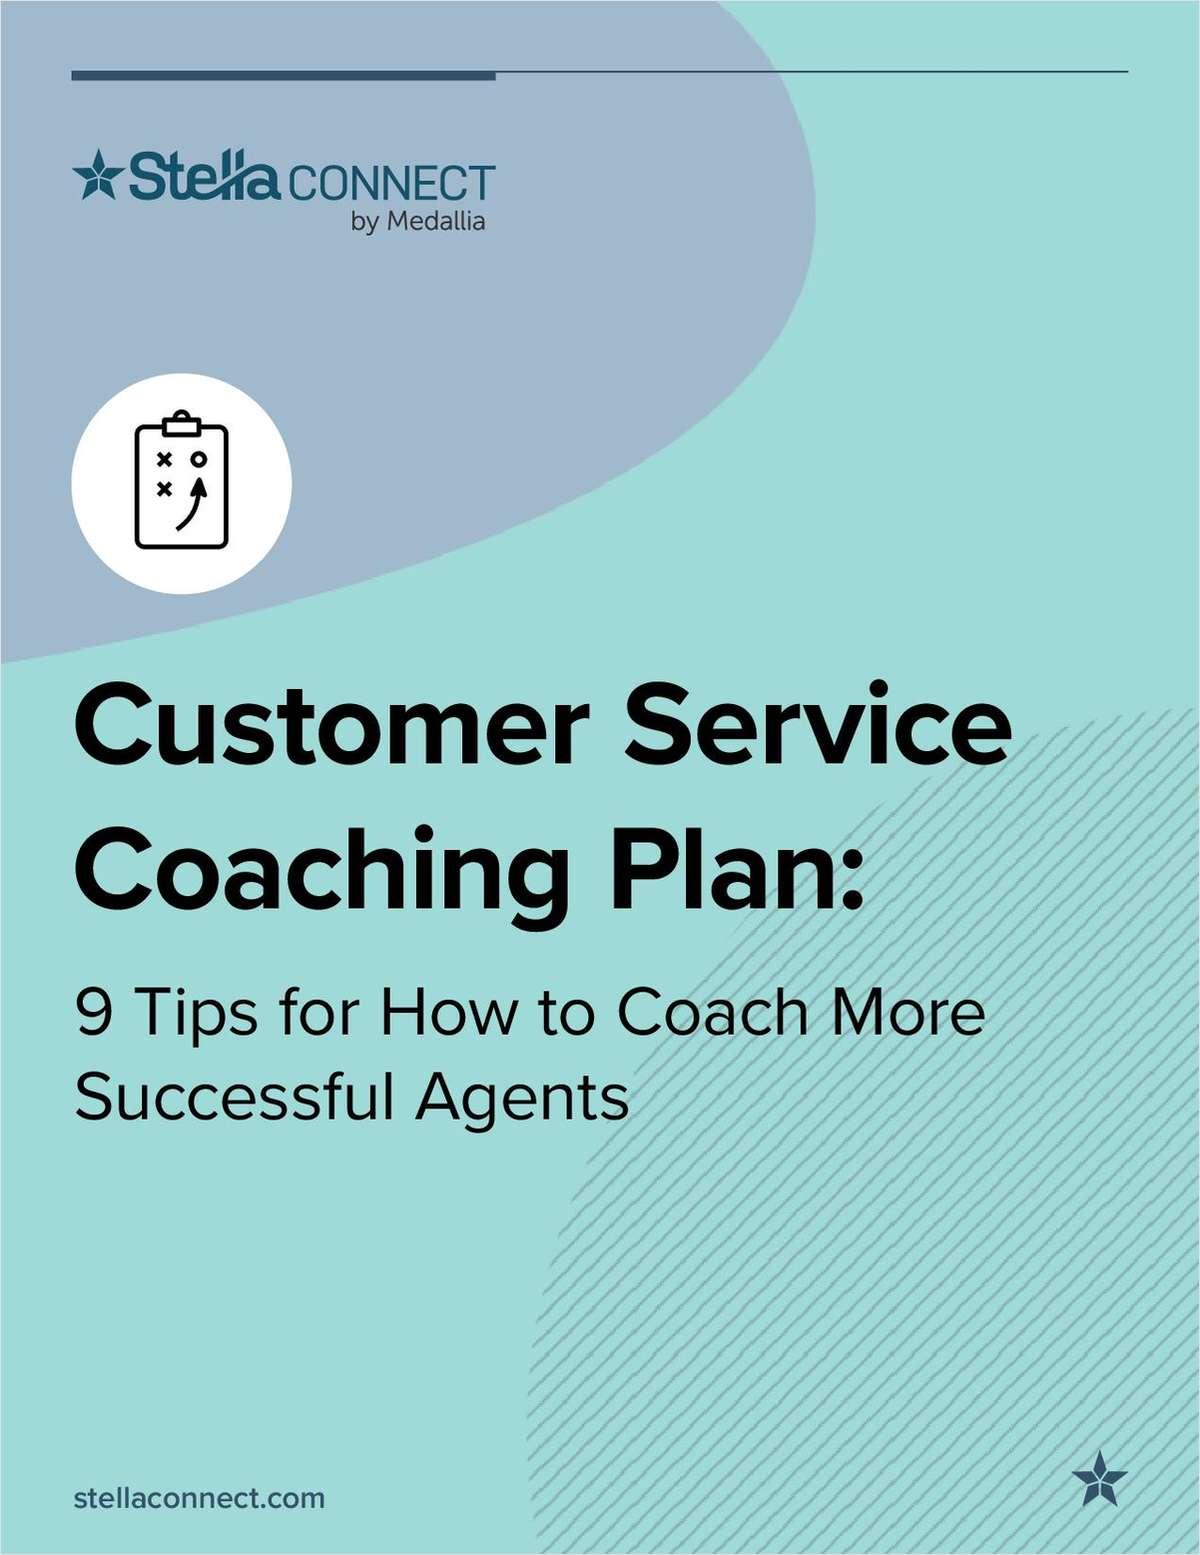 Customer Service Coaching Plan